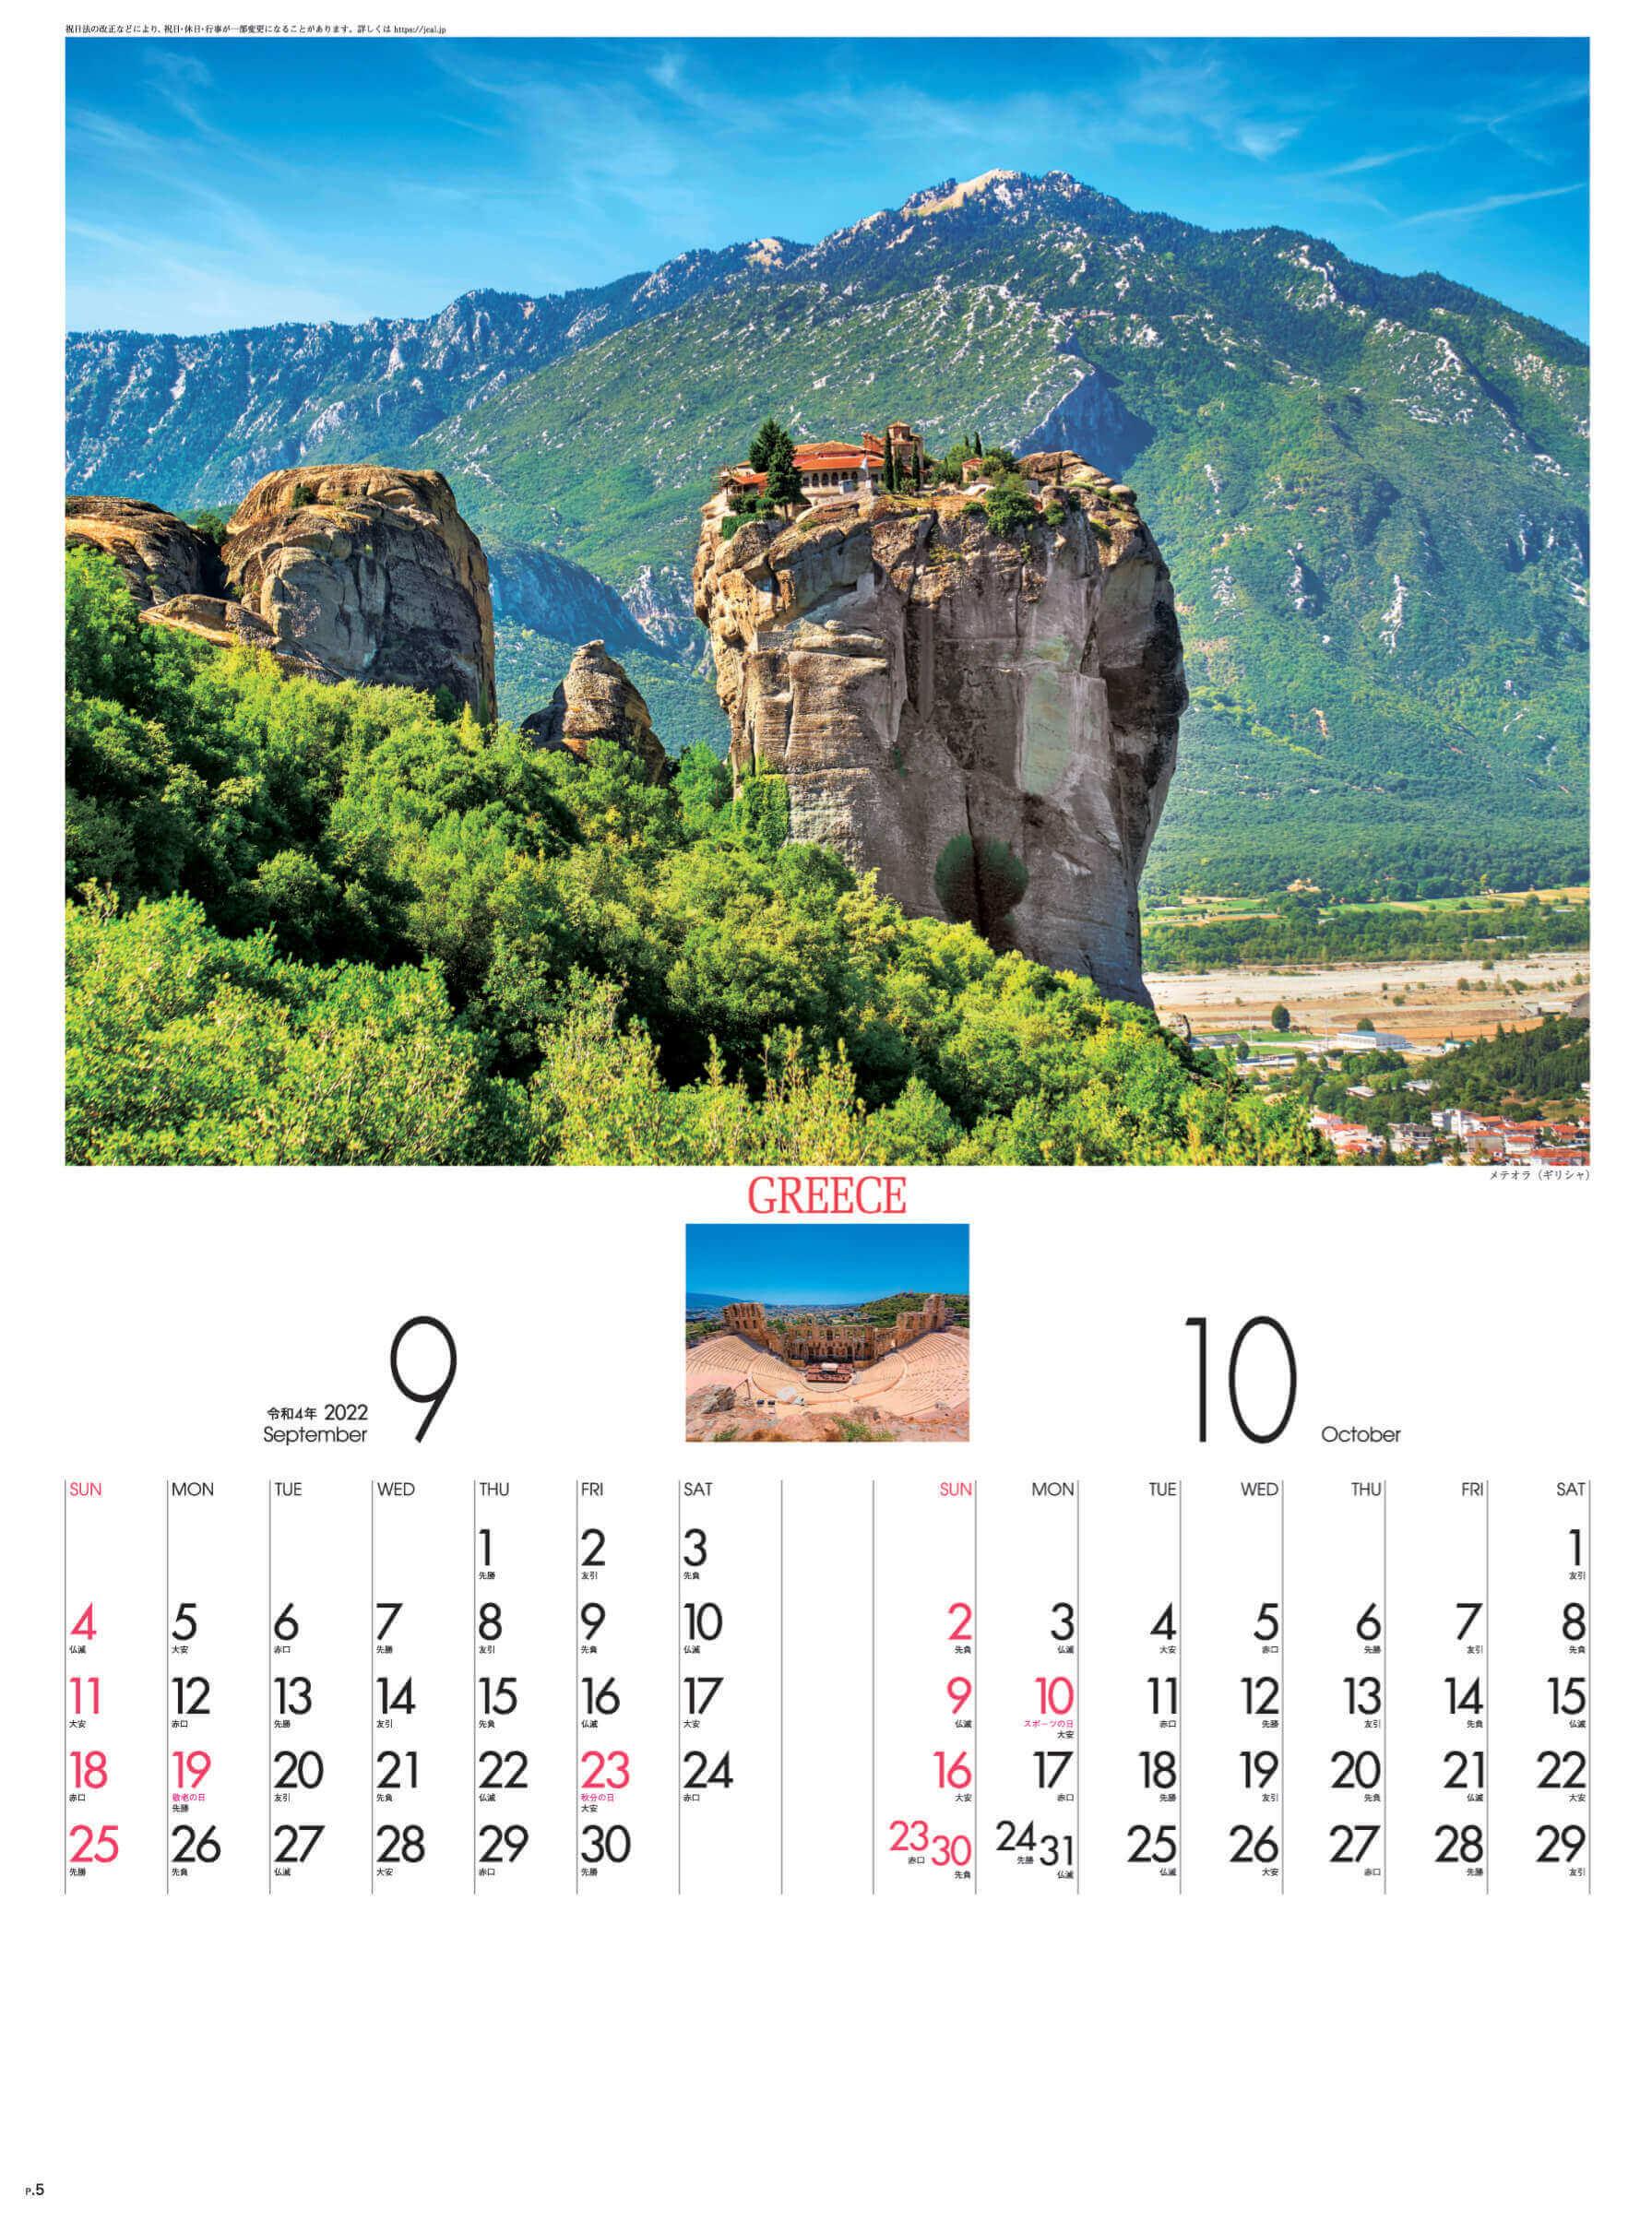 9-10月 メテオラ(ギリシャ) ヨーロッパの旅 2022年カレンダーの画像